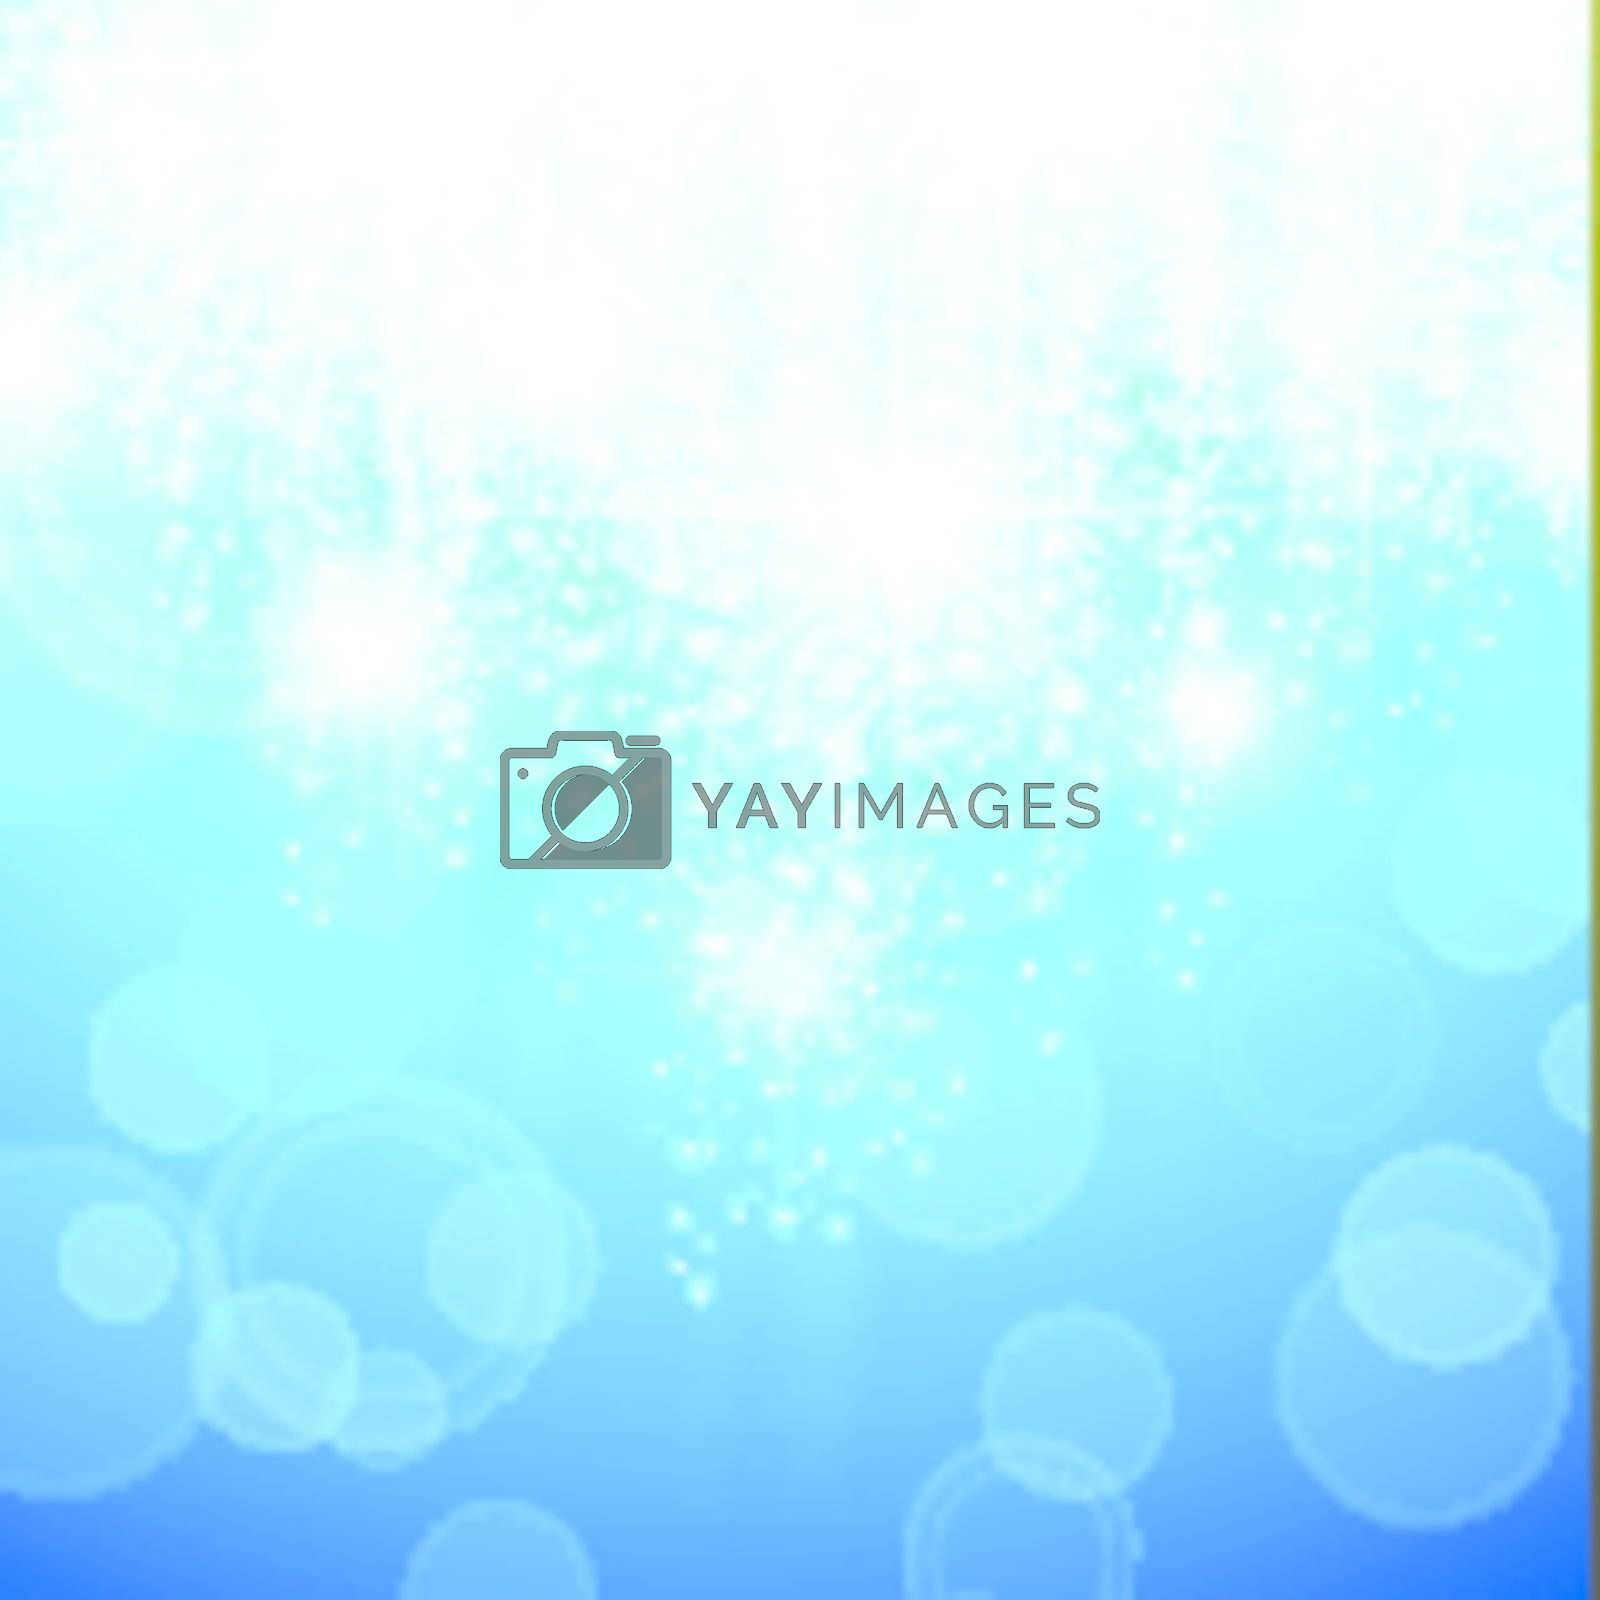 Royalty free image of holiday background by razvodovska